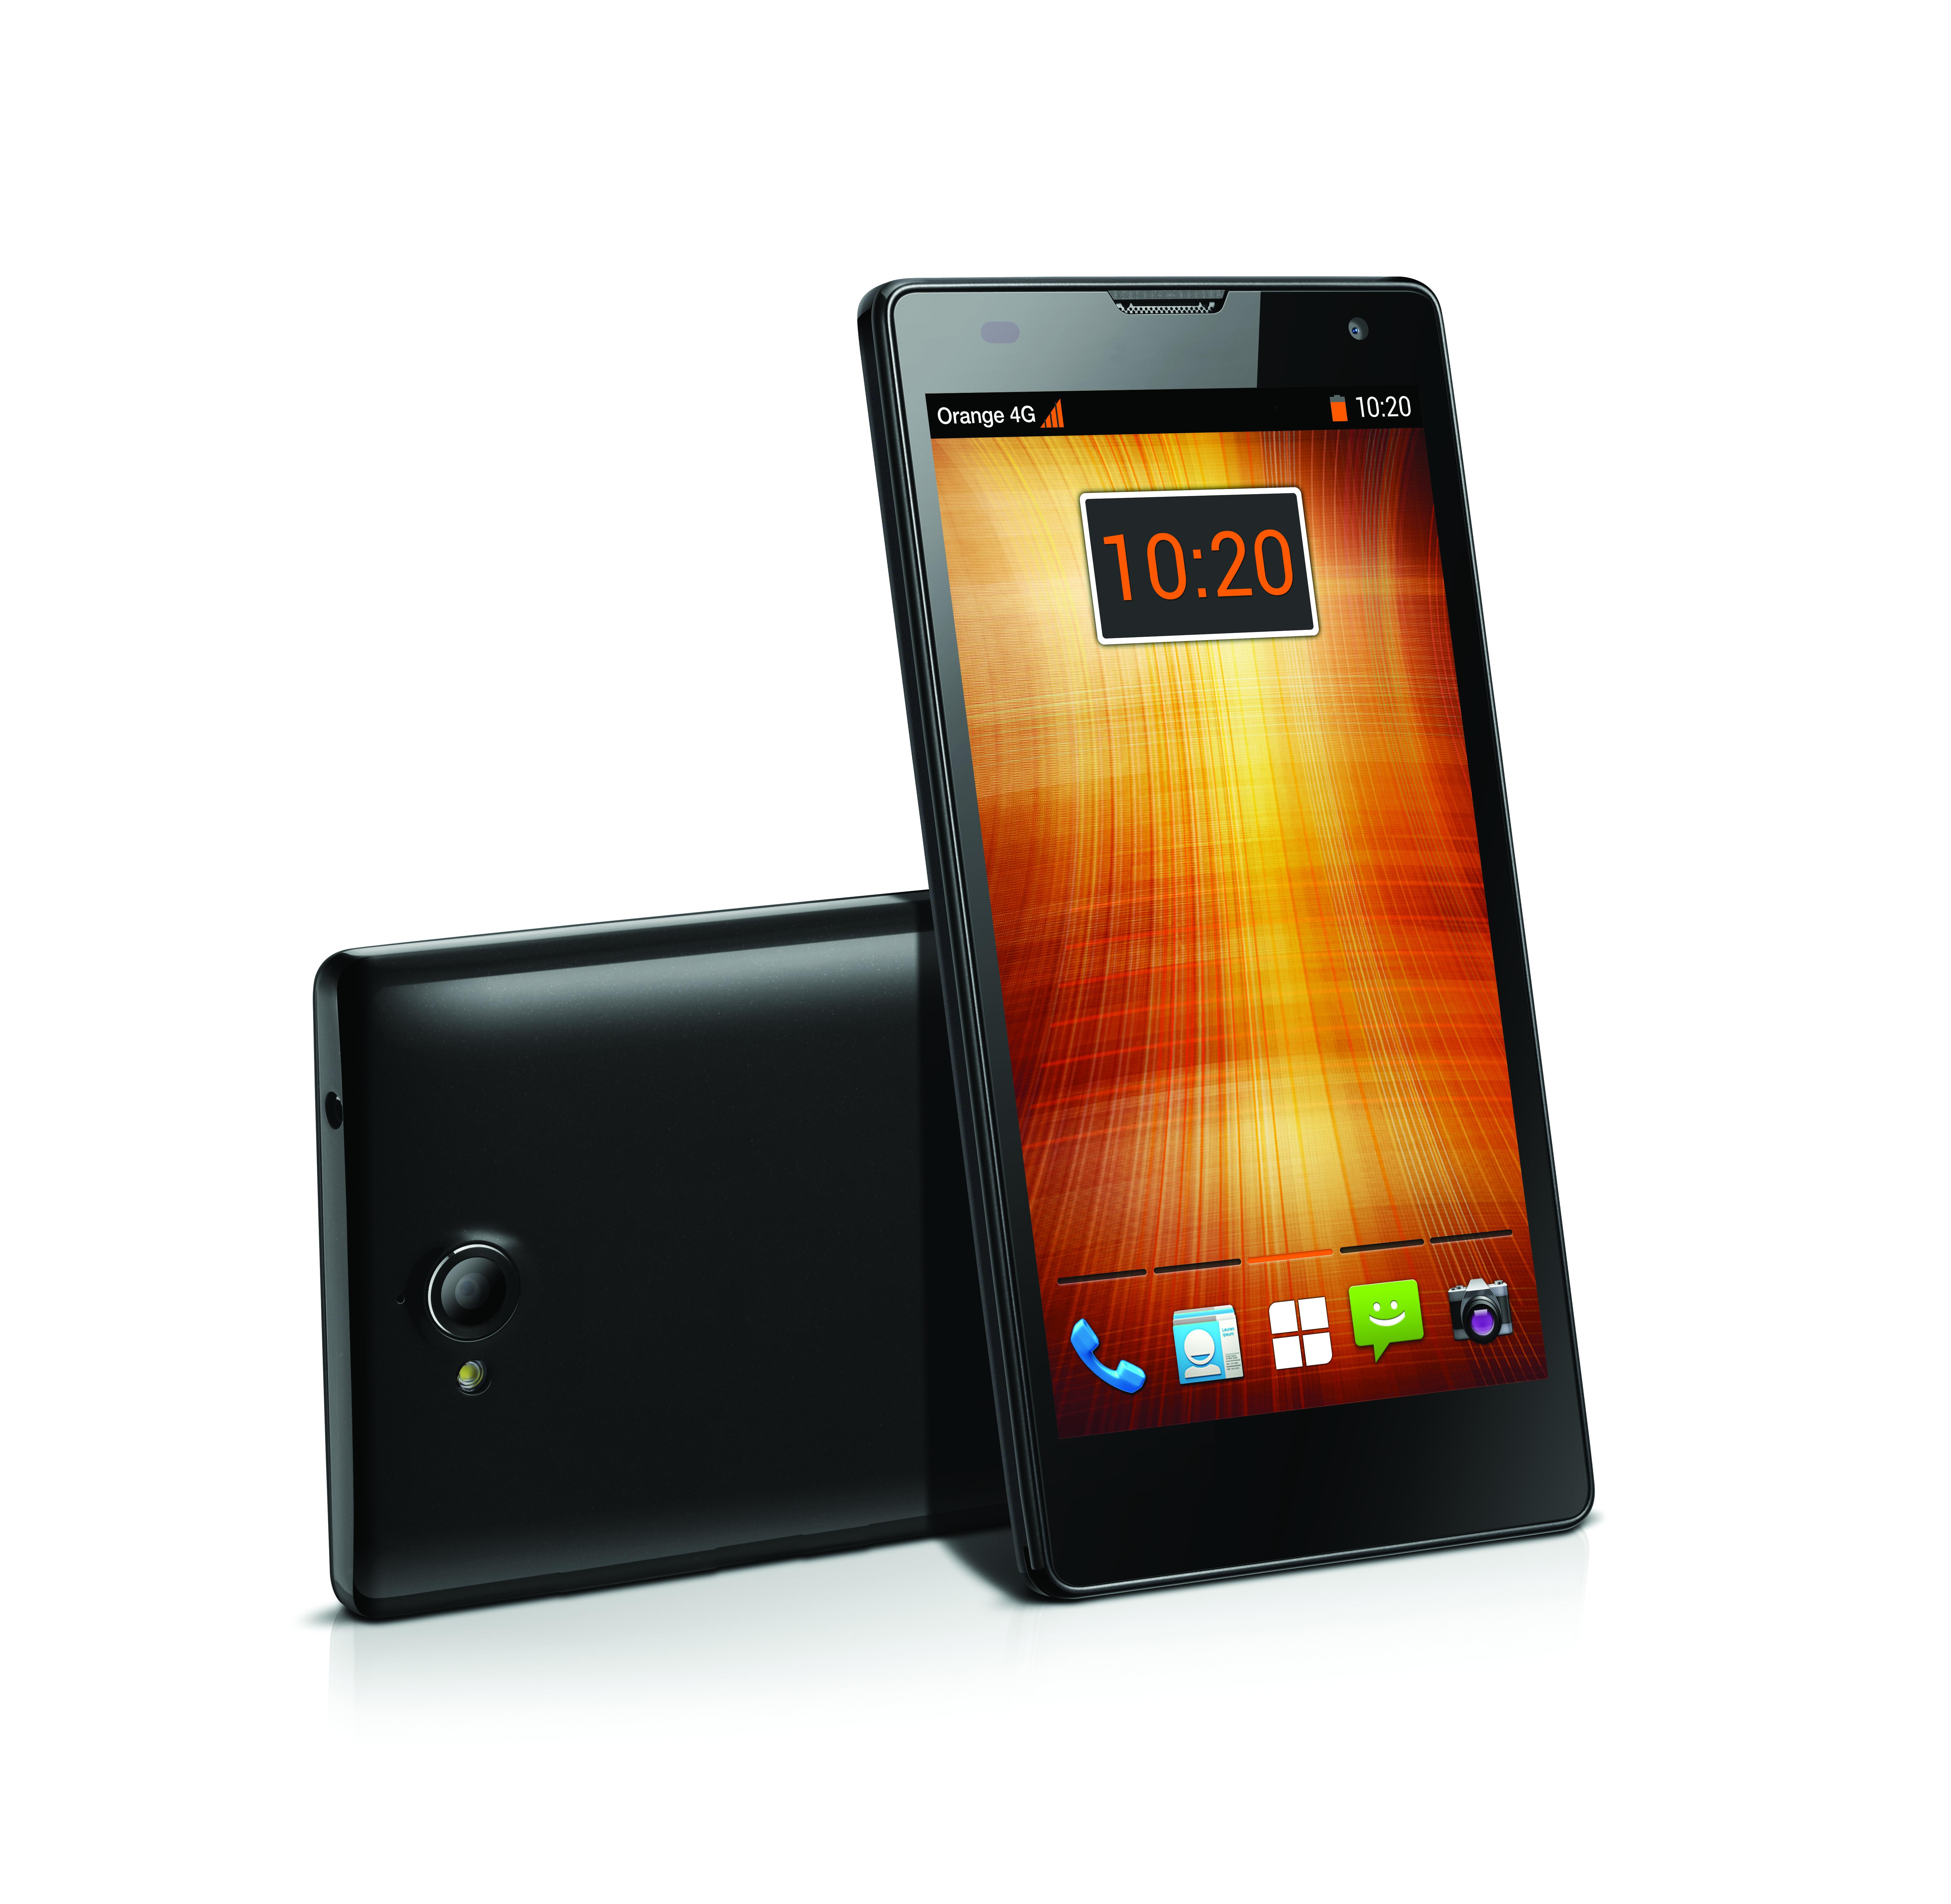 orange hiro et yumo deux nouveaux smartphones sous marque blanche frandroid. Black Bedroom Furniture Sets. Home Design Ideas